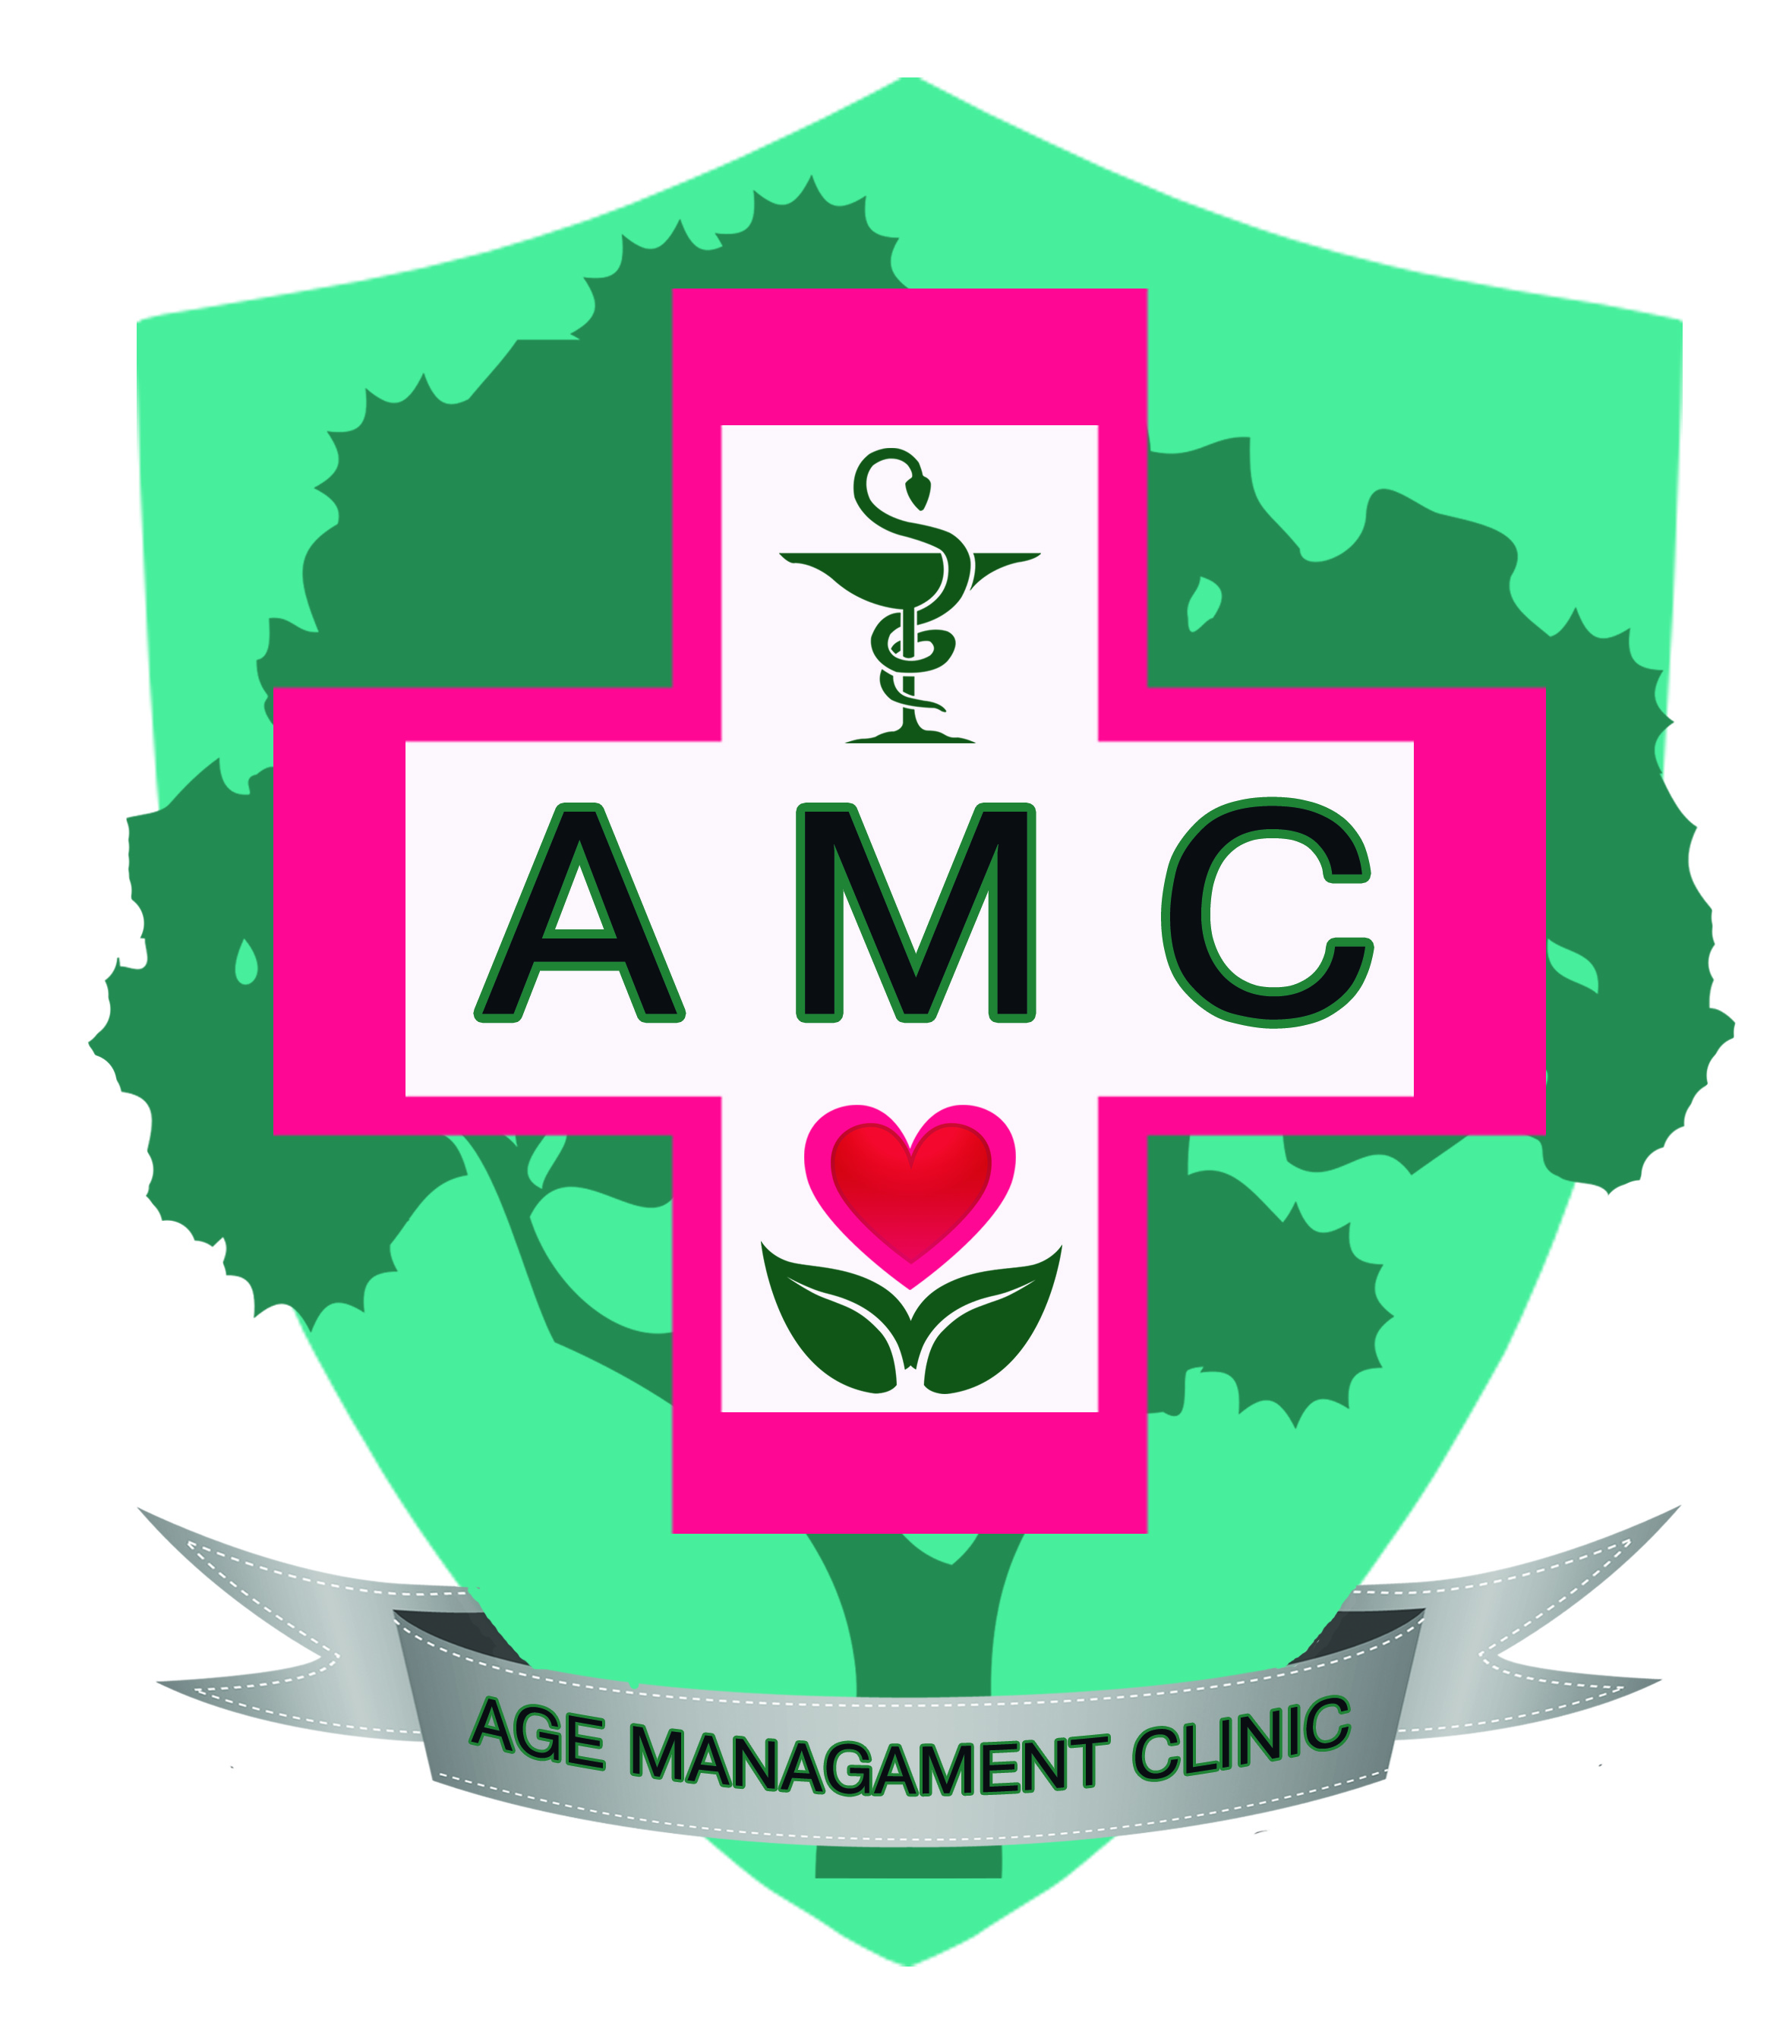 Логотип для медицинского центра (клиники)  фото f_5925b9a92fac235c.jpg